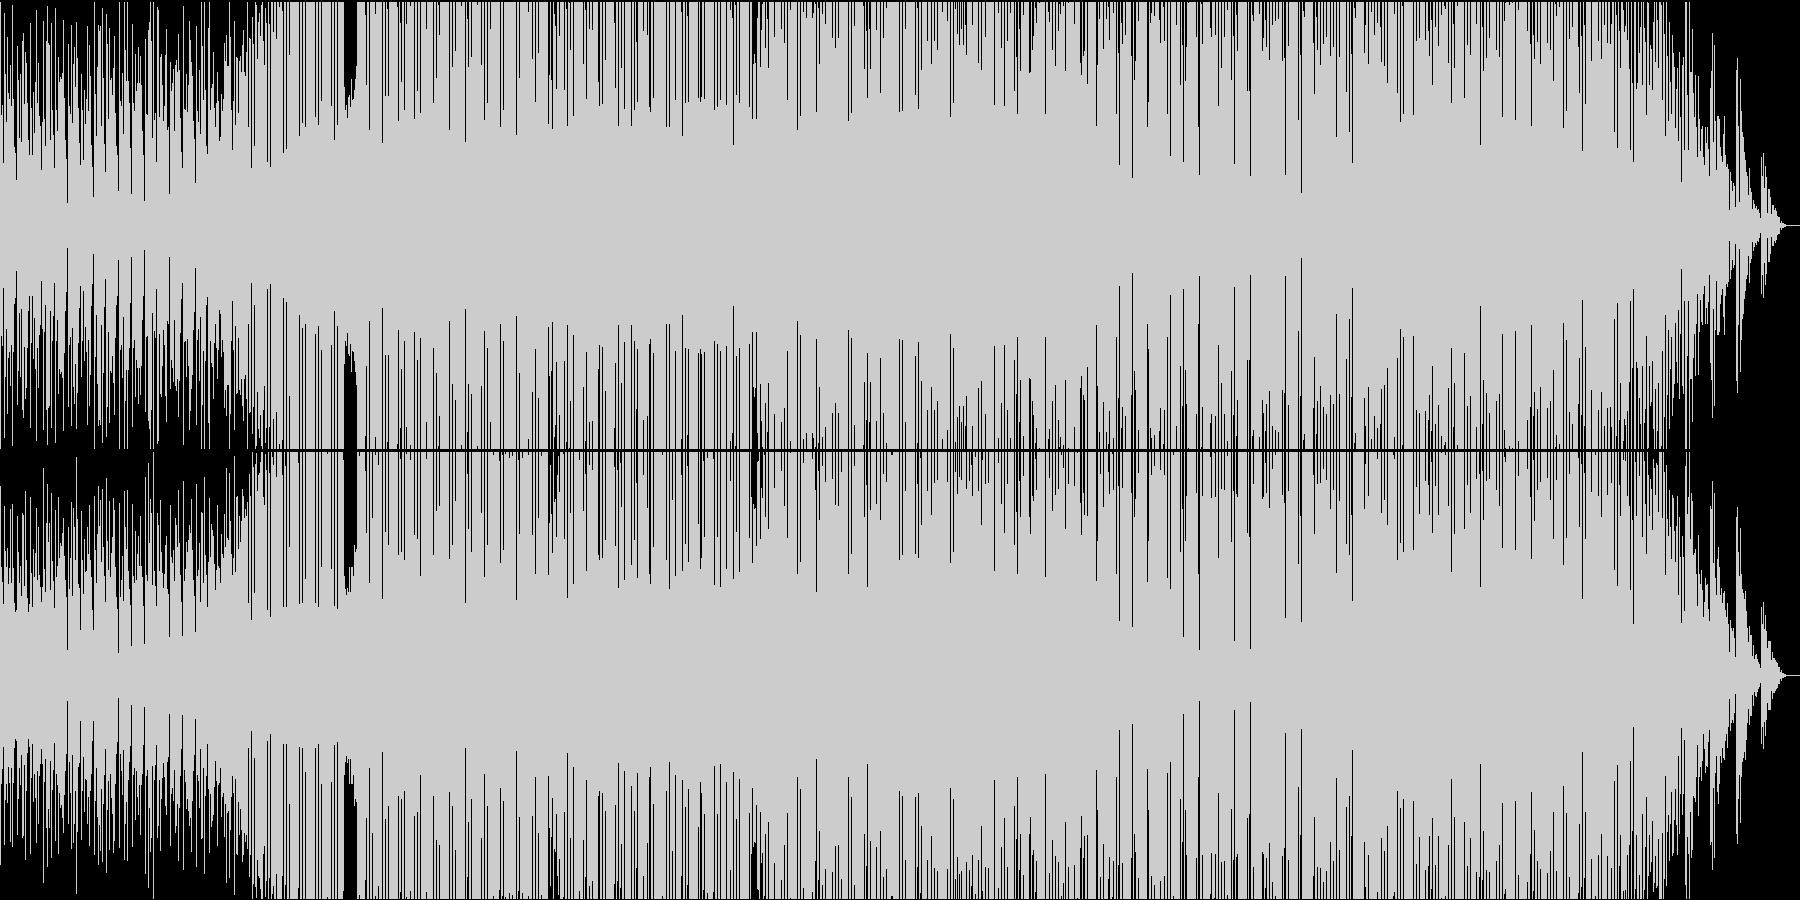 熱い時代を駆け抜けるバキバキビートの未再生の波形